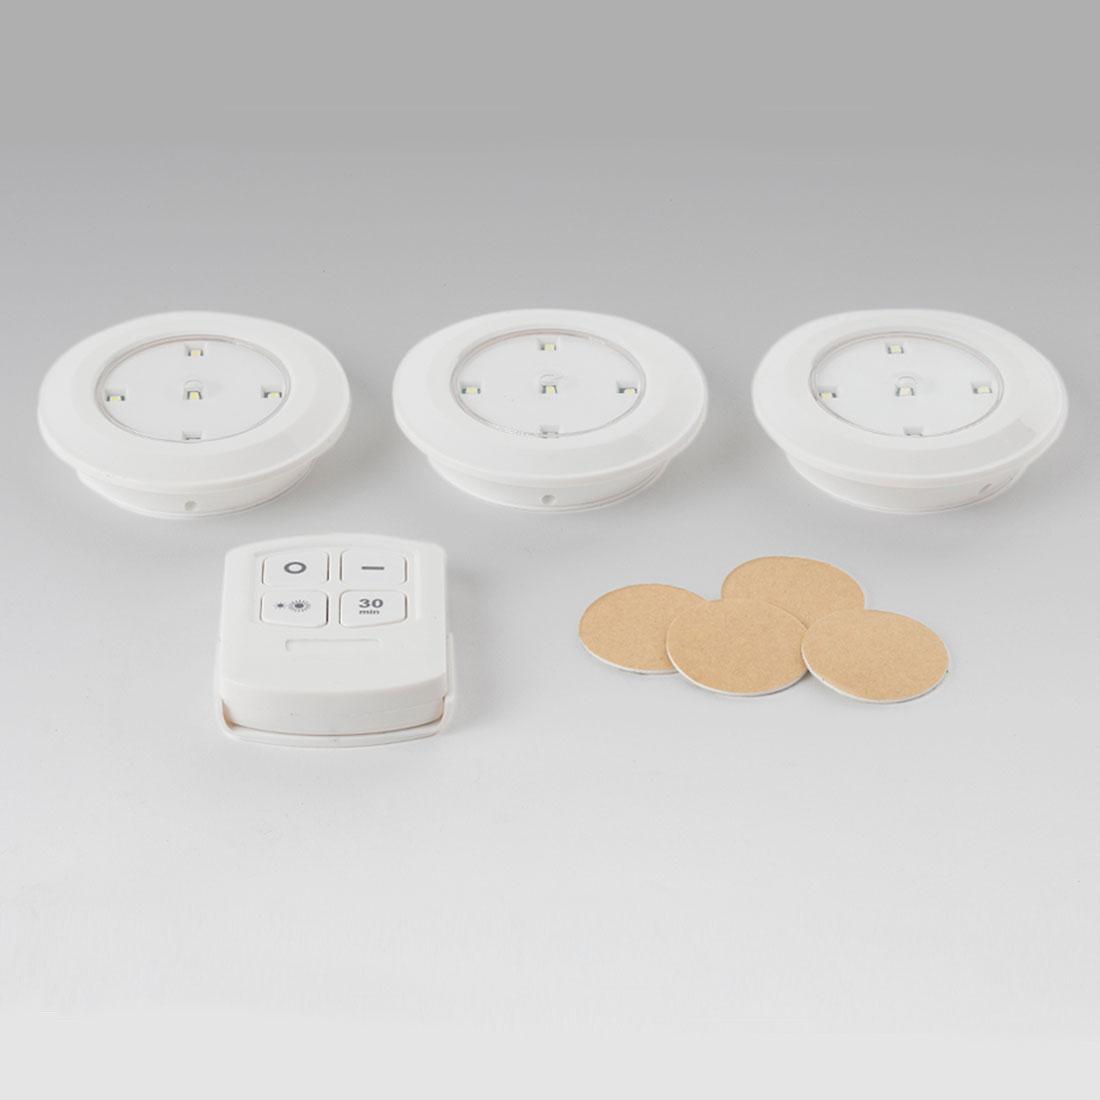 Светильники светодиодные с пультом дистанционного управления, 3 штуки [06793],